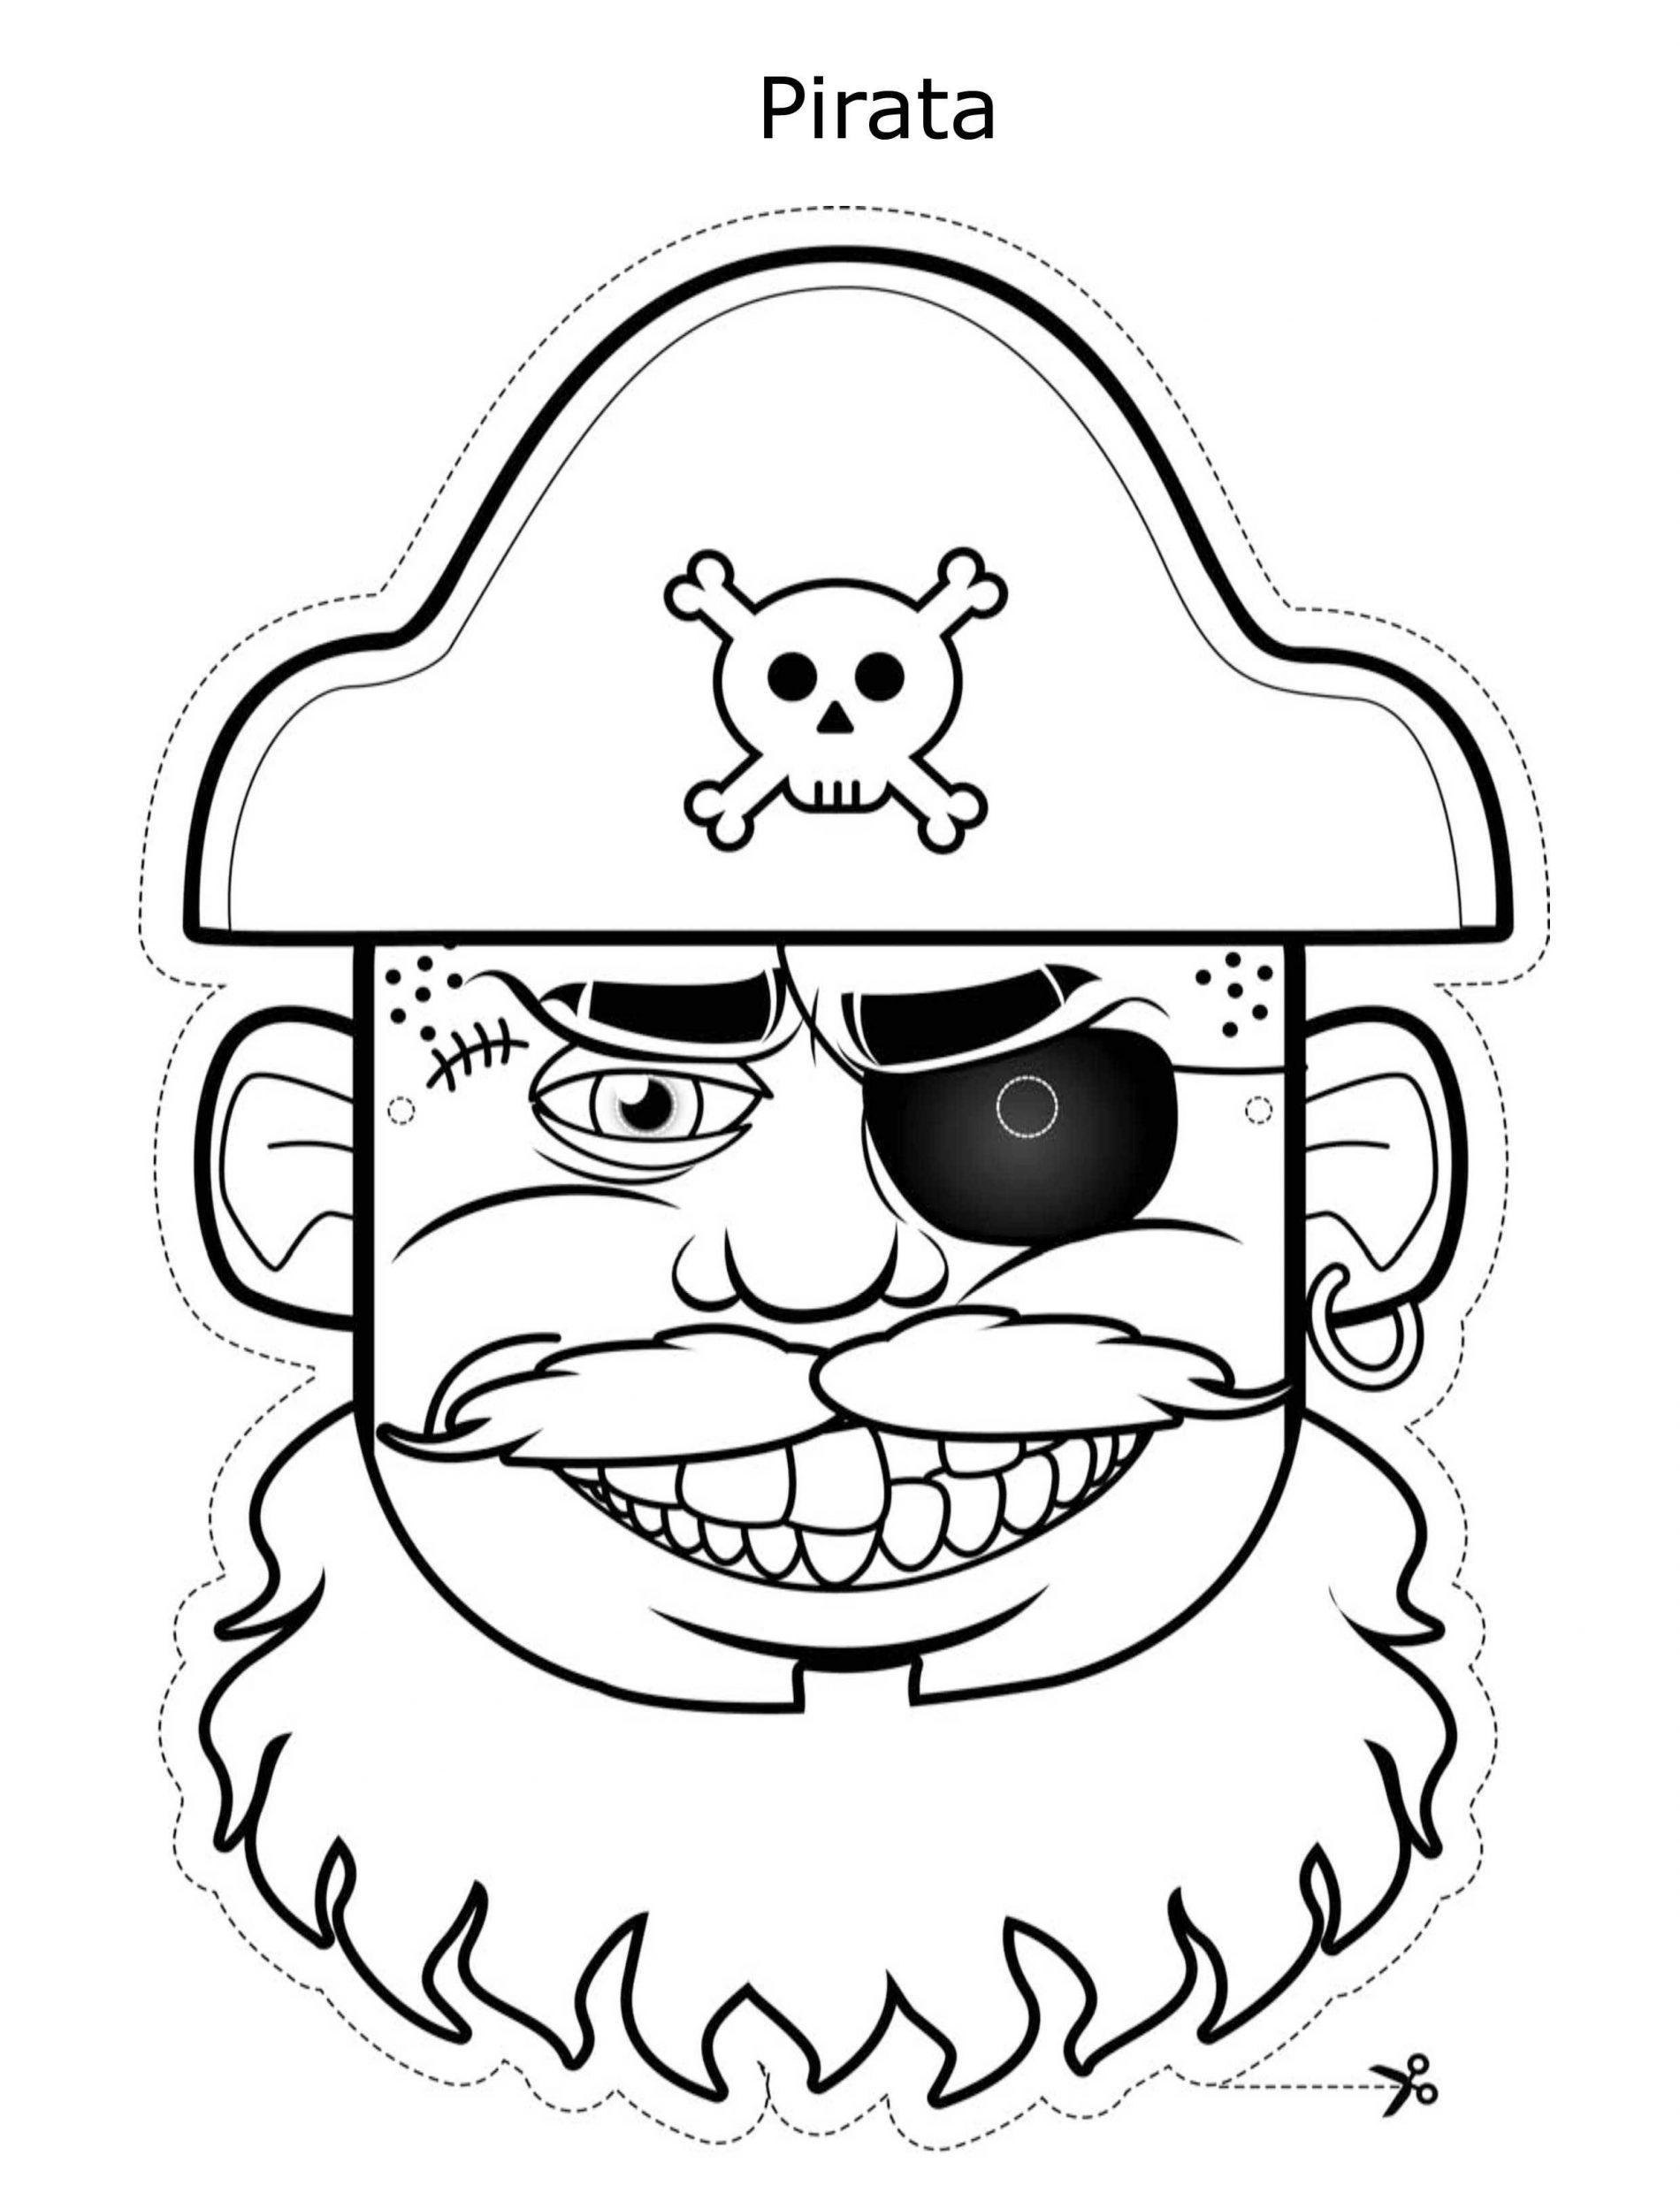 Maschera Pirata da stampare ritagliare e colorare